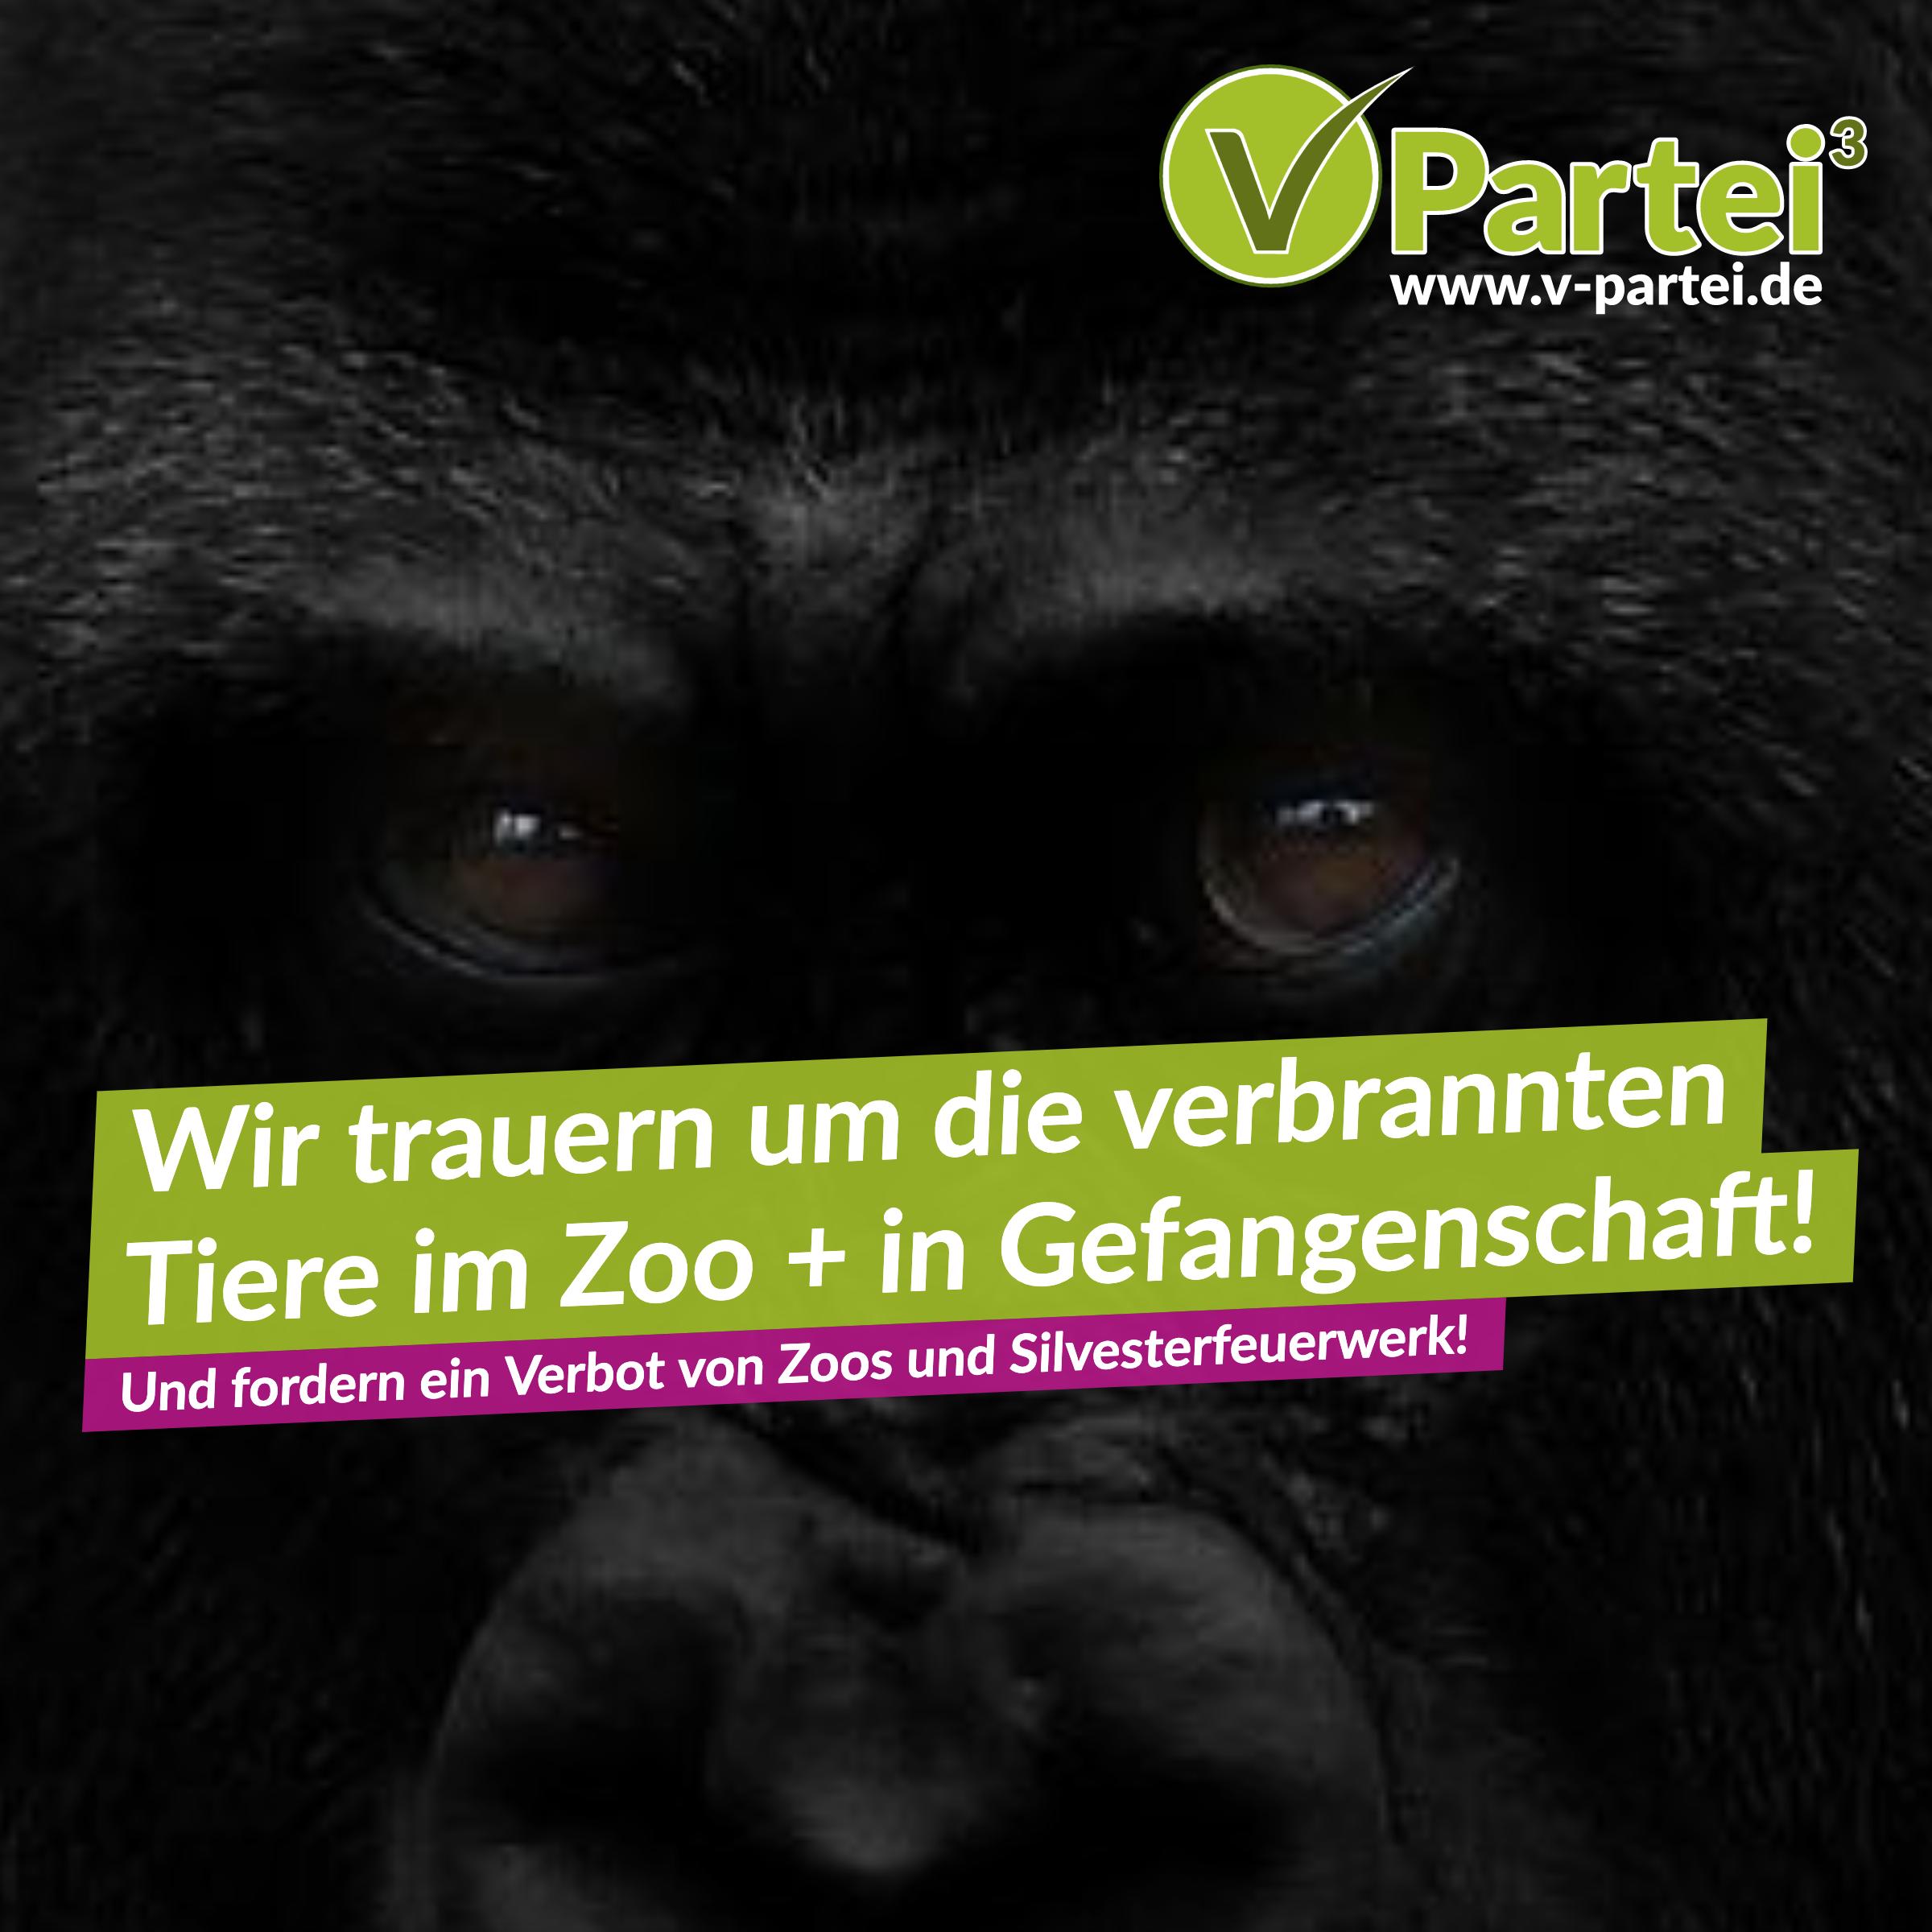 v partei³ verurteilt system zoo und silvesterfeuerwerk v  die v partei%c2%b3 moechte ein zeichen setzen #1